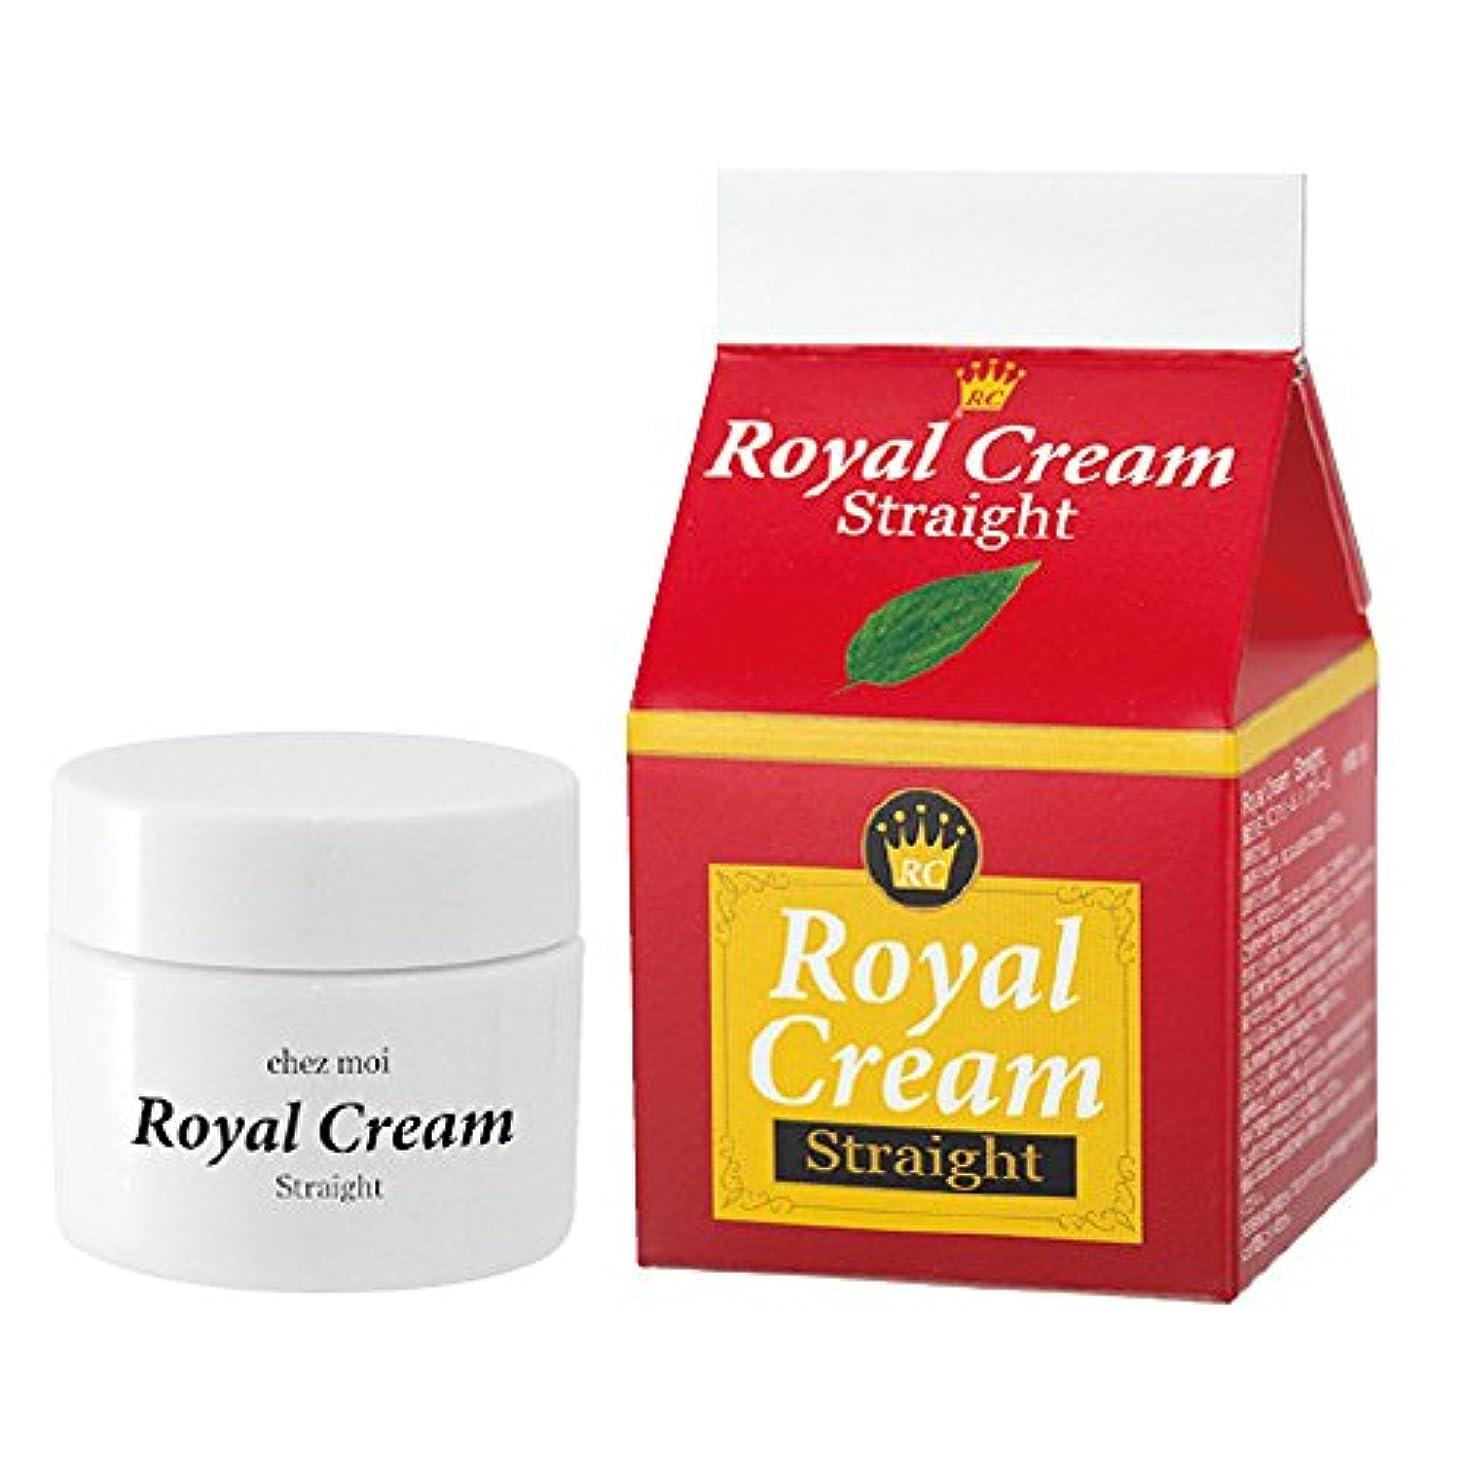 電気陽性無駄な人工シェモア Royal Cream Straight(ロイヤルクリームストレート) 30g